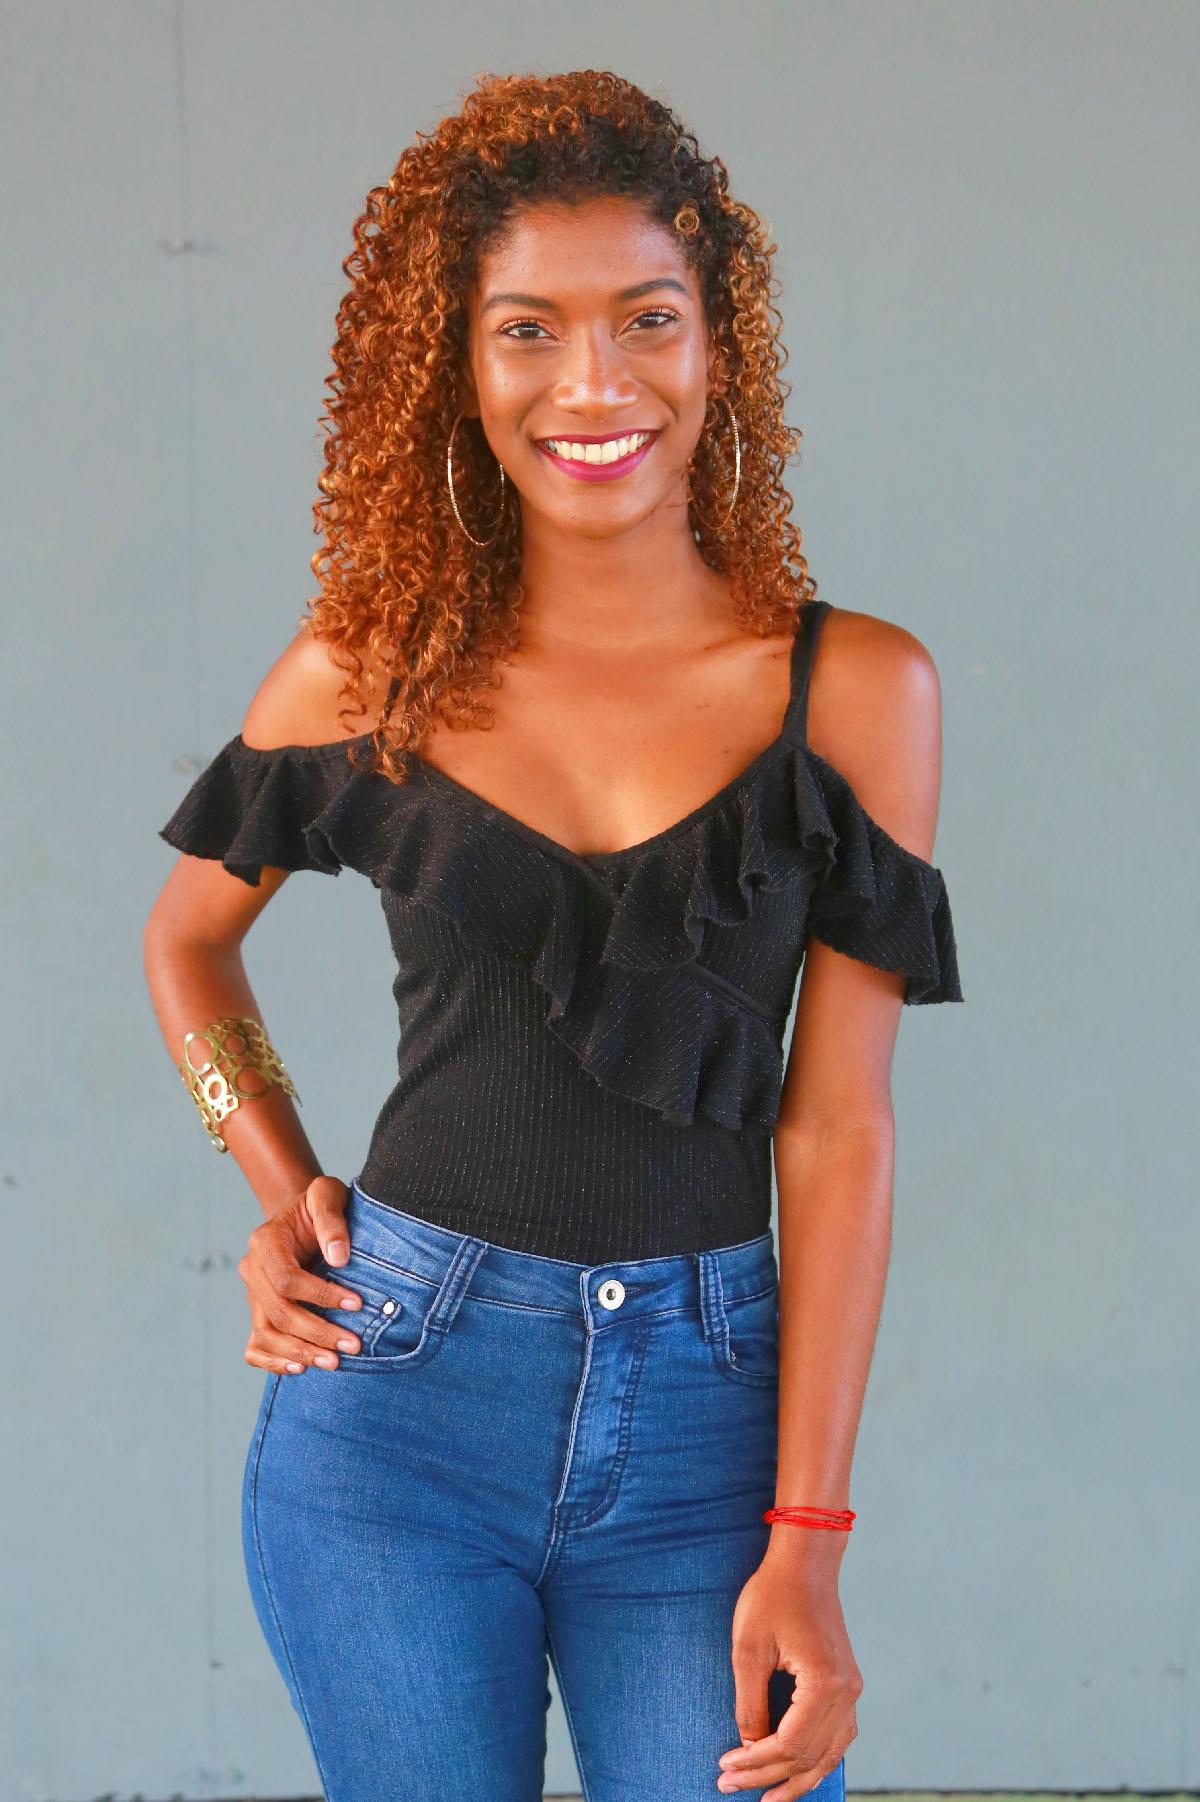 N°3 - Shamina Machir